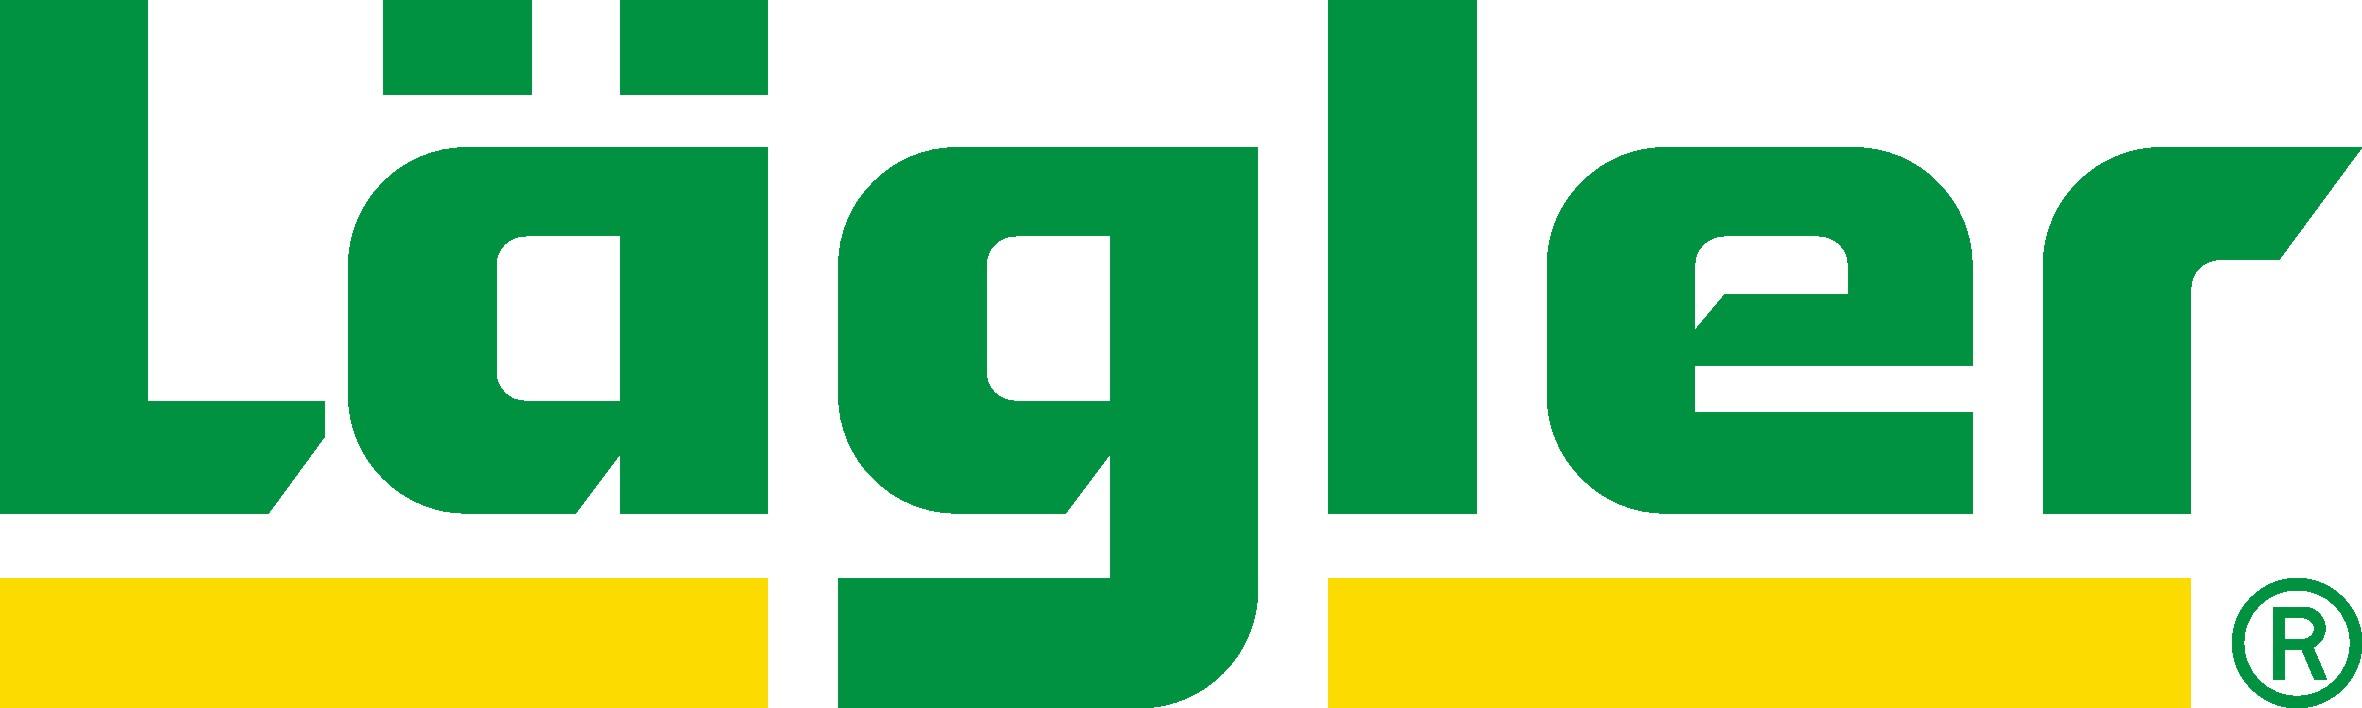 logo-laegler.jpg